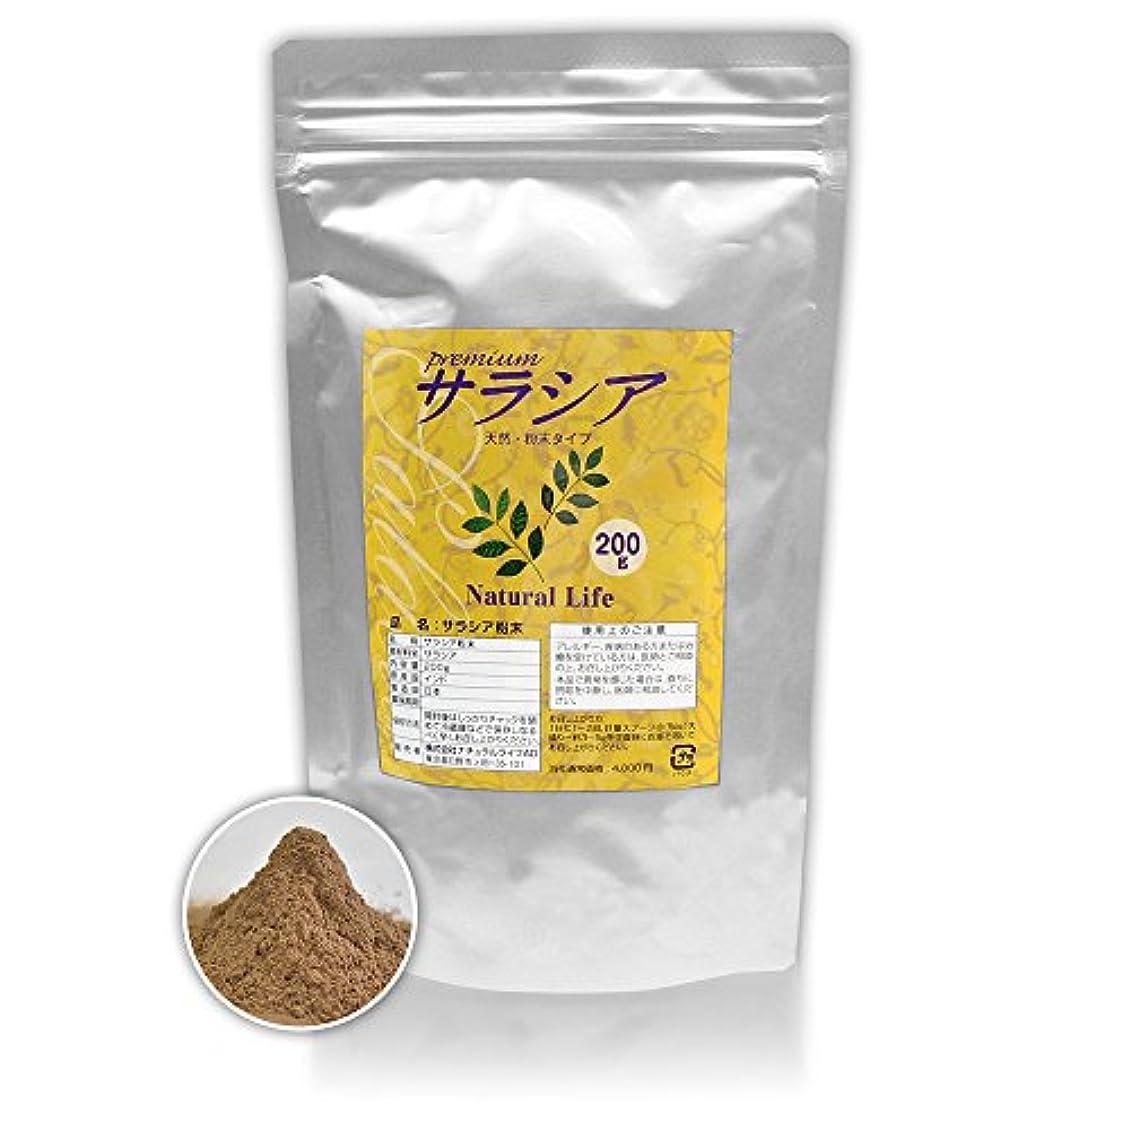 バスタブ早めるあえぎサラシア粉末[200g]天然ピュア原料(無添加)健康食品(さらしあ,レティキュラータ)